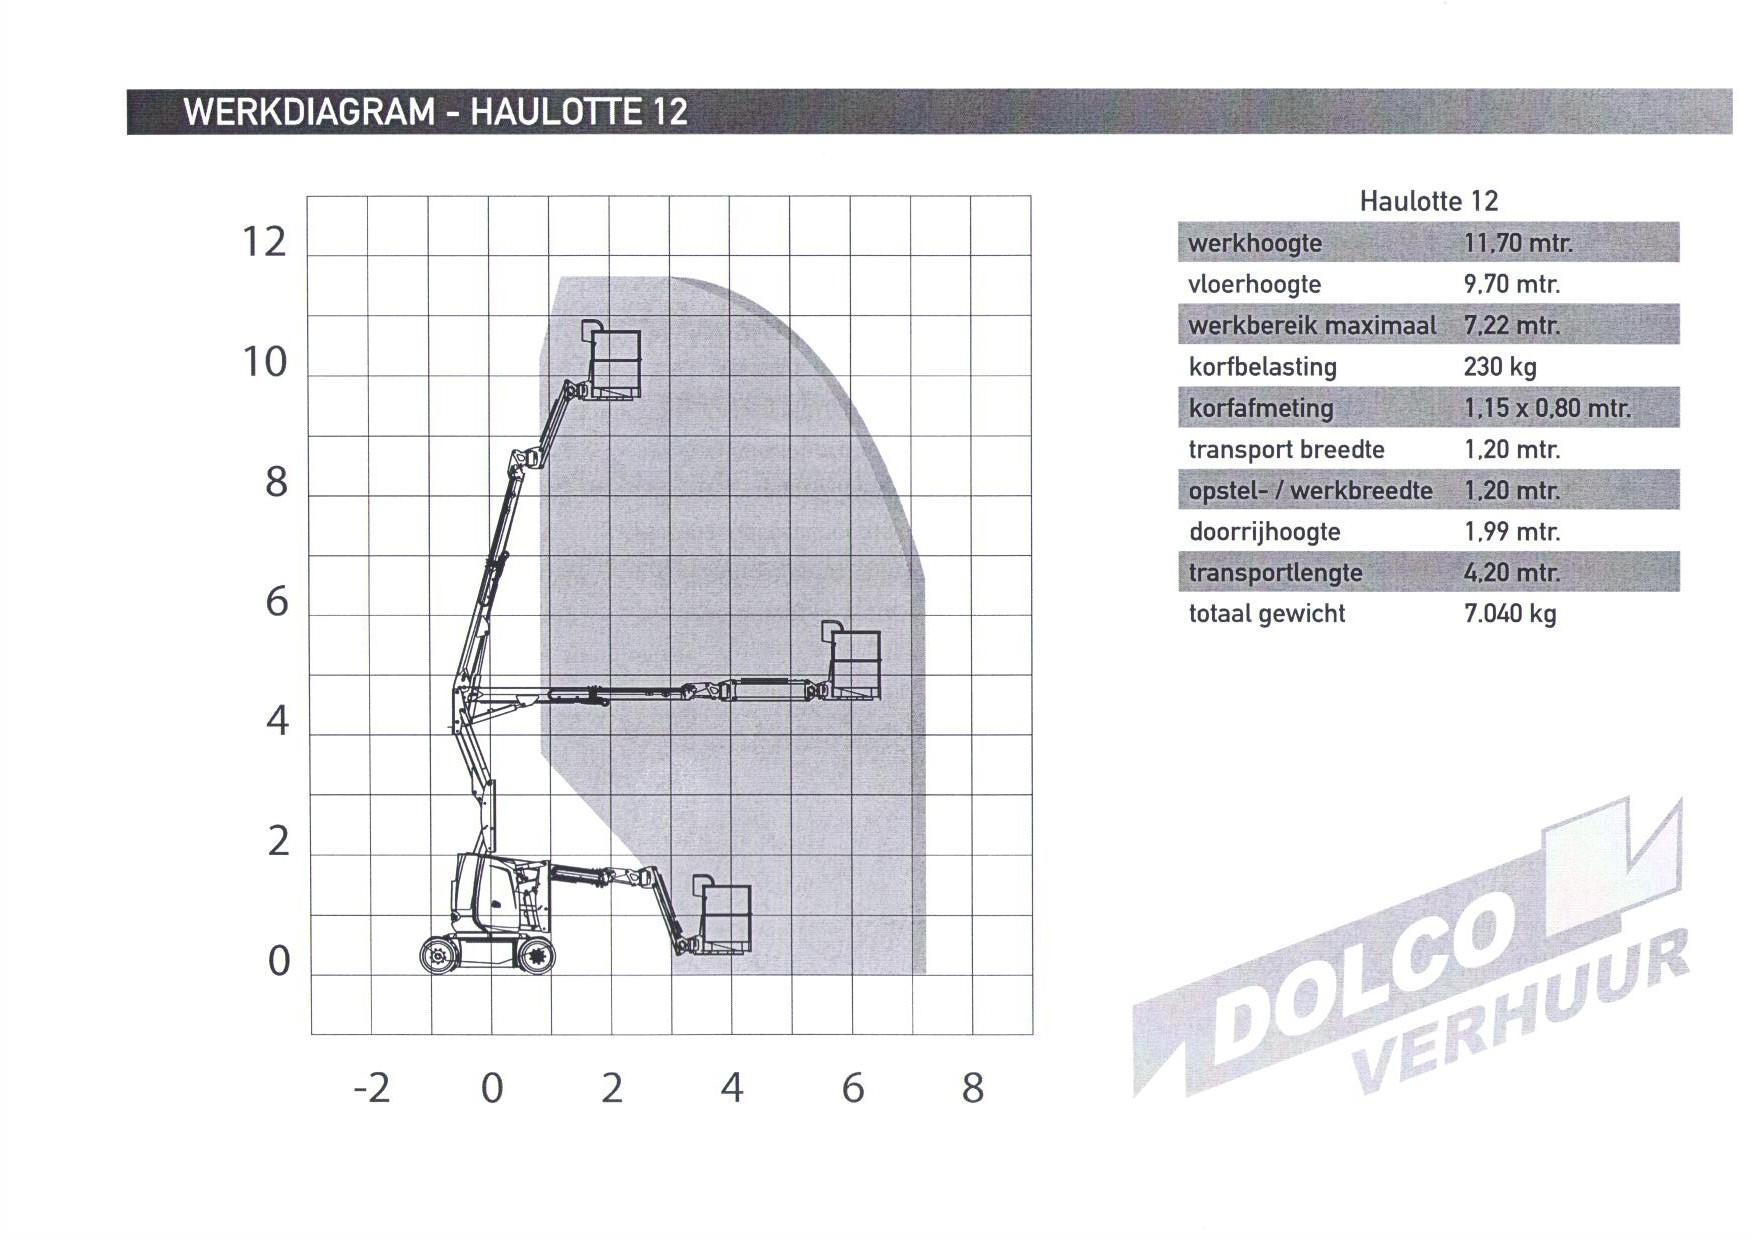 Diagram-Haulotte-12